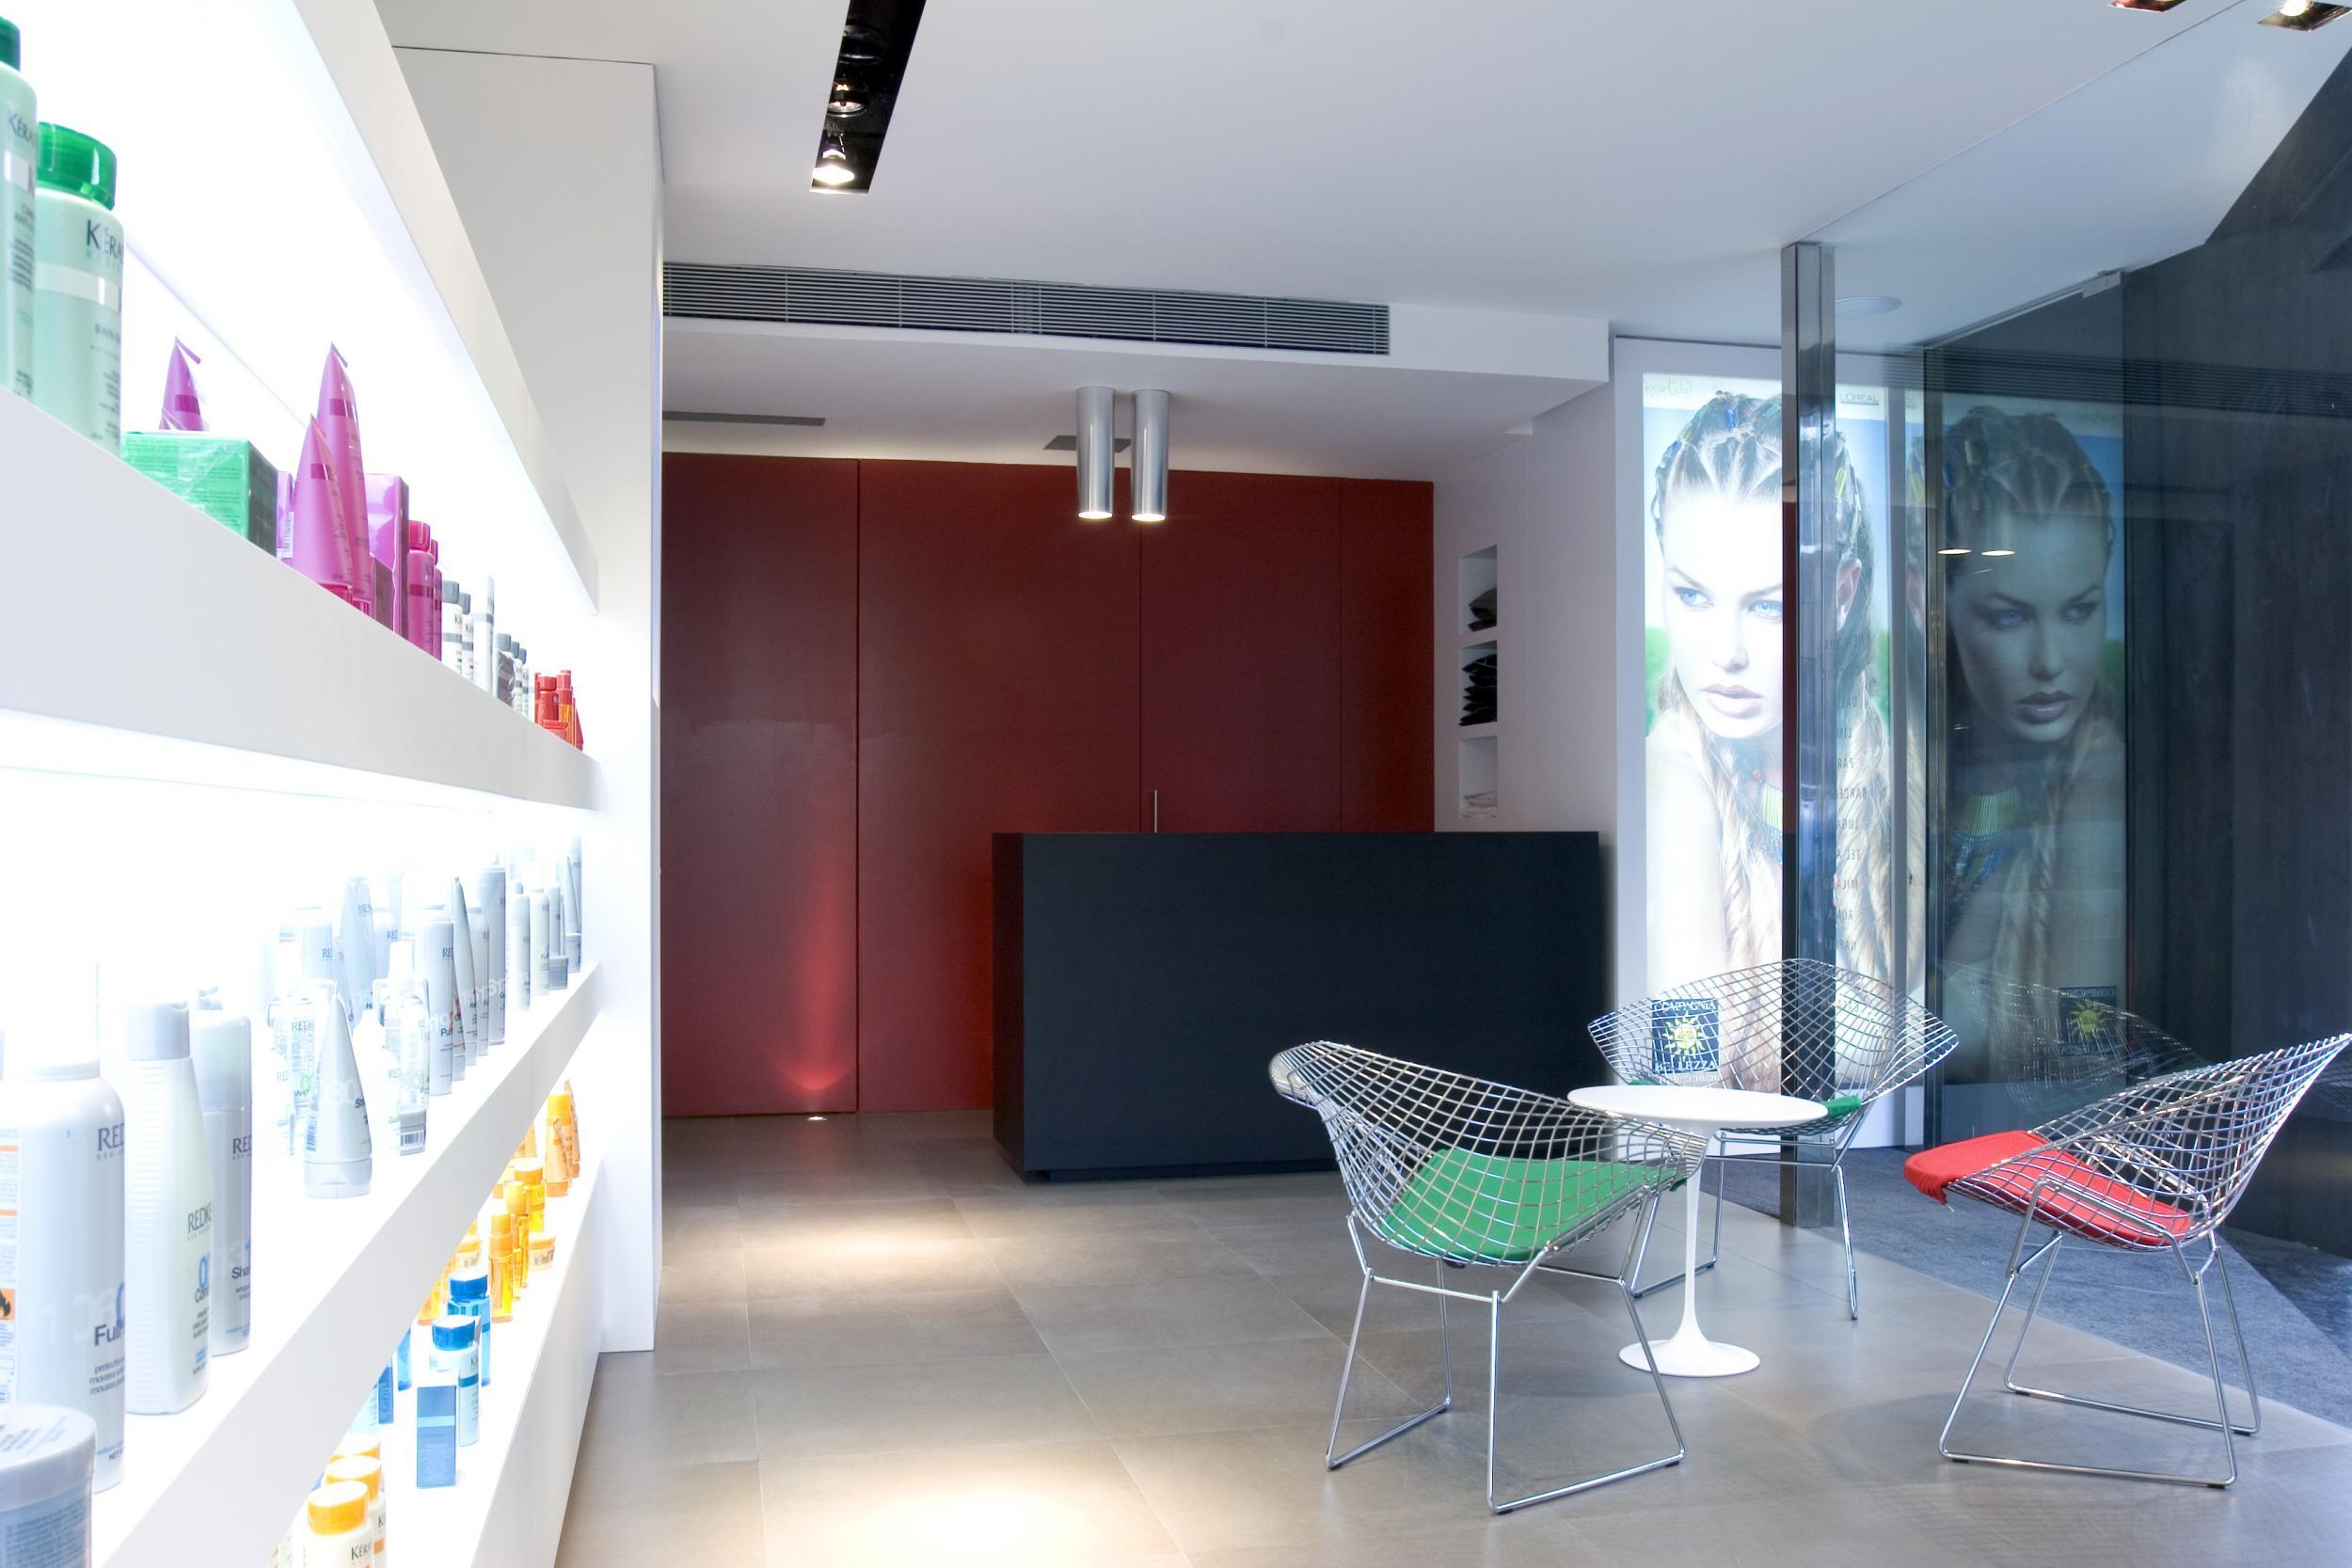 Peluquer a compagnia de la bellezza vilablanch estudio de arquitectura interior situado en - Proyecto de peluqueria ...